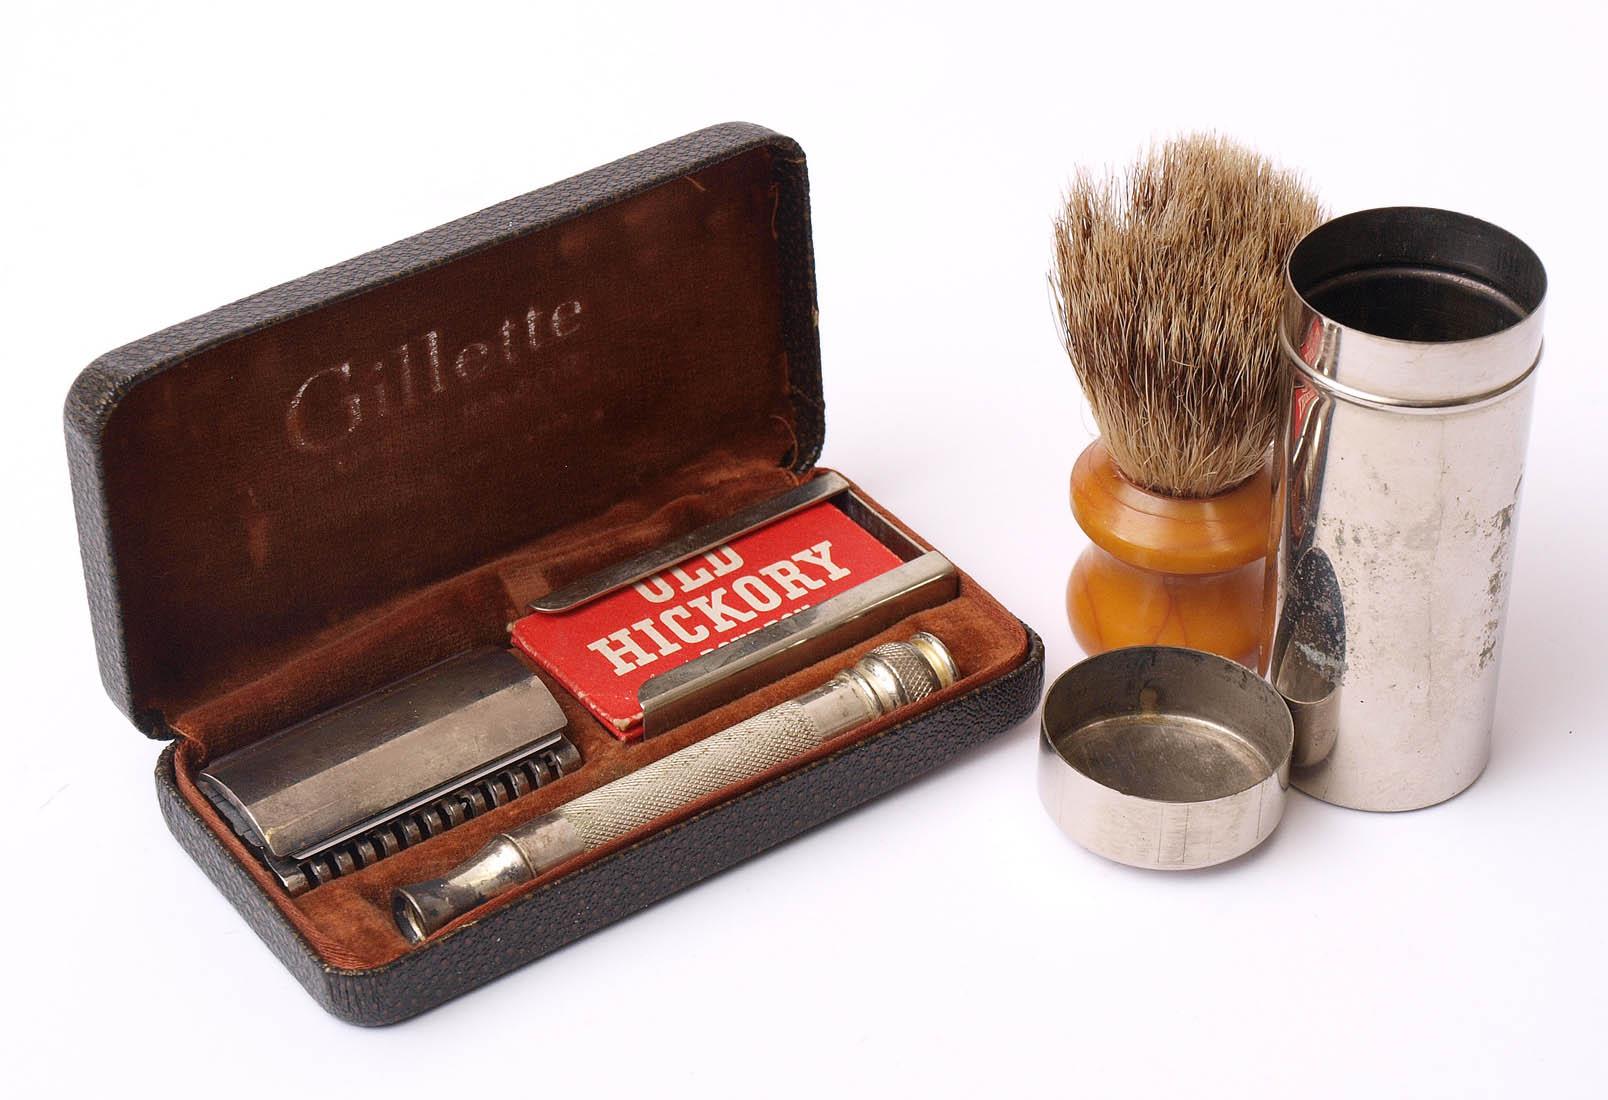 Los 5 - Konvolut Reise-Rasierzeug, Gillette, um 1900; dazu ein Reise-Rasierpinsel. In den originalen Dosen.